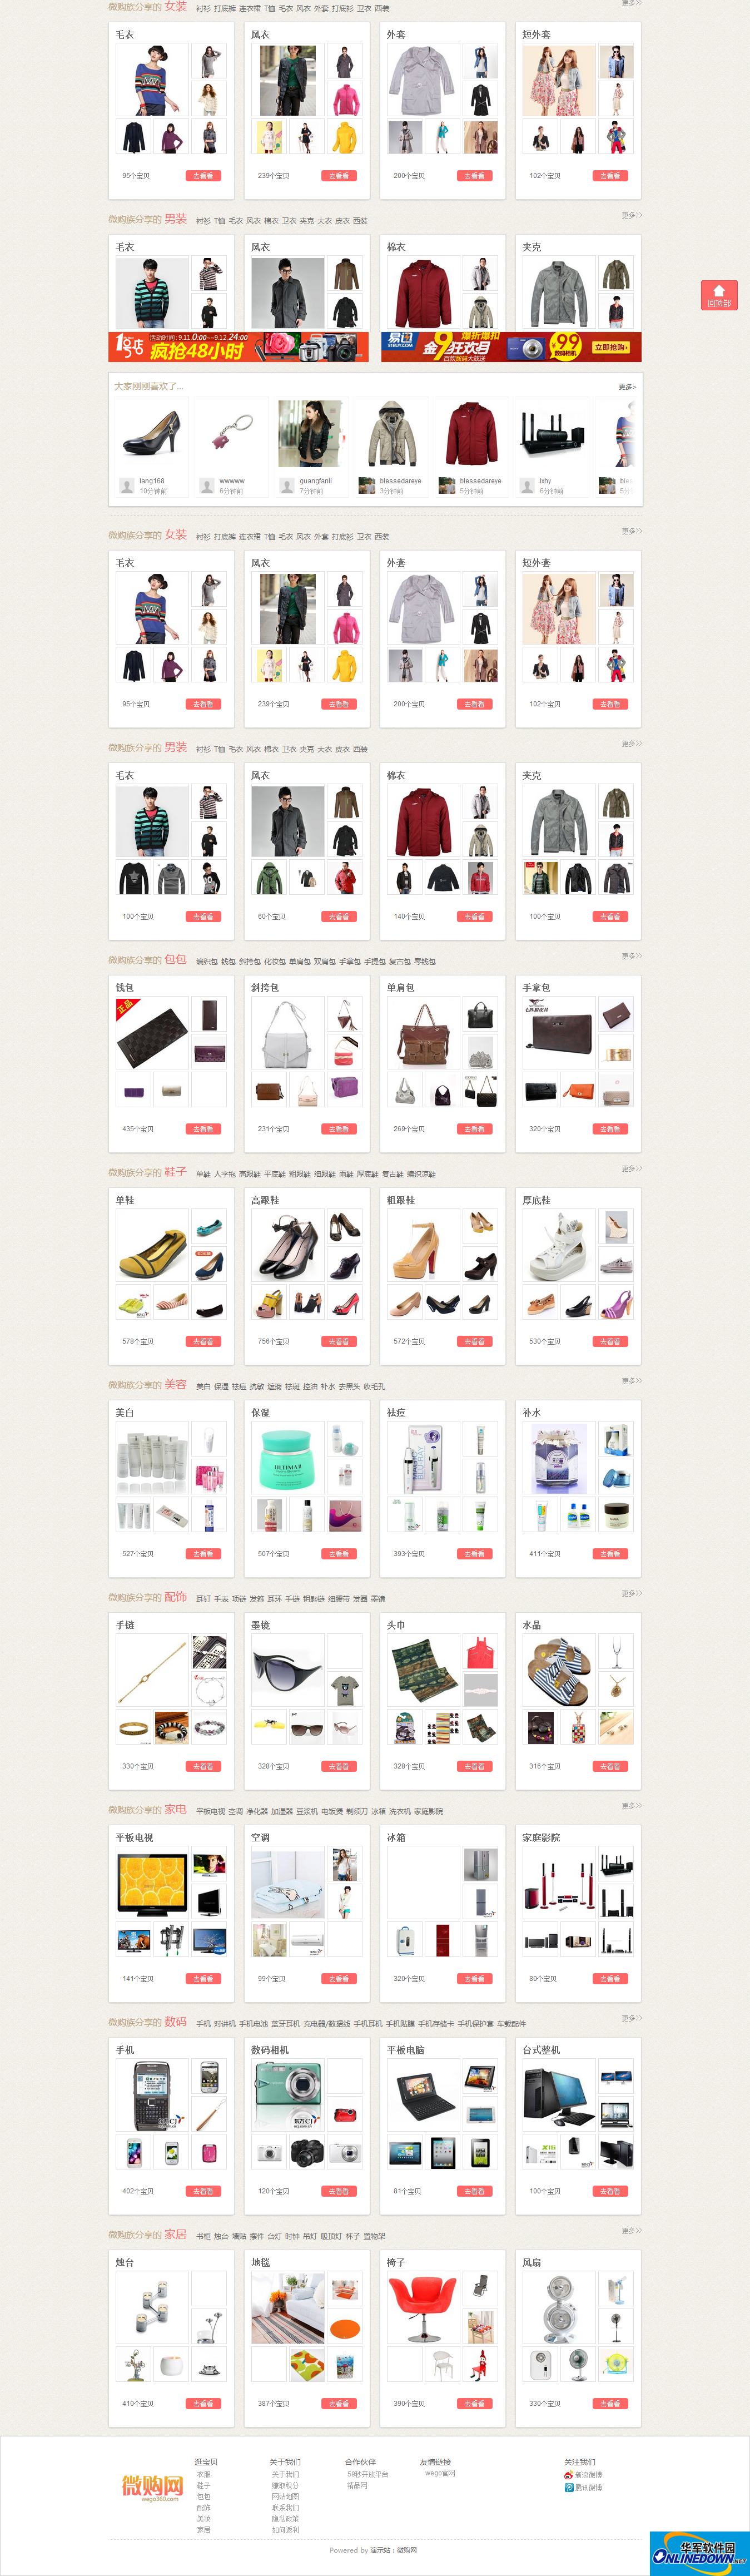 微购免费社会化购物分享返利系统